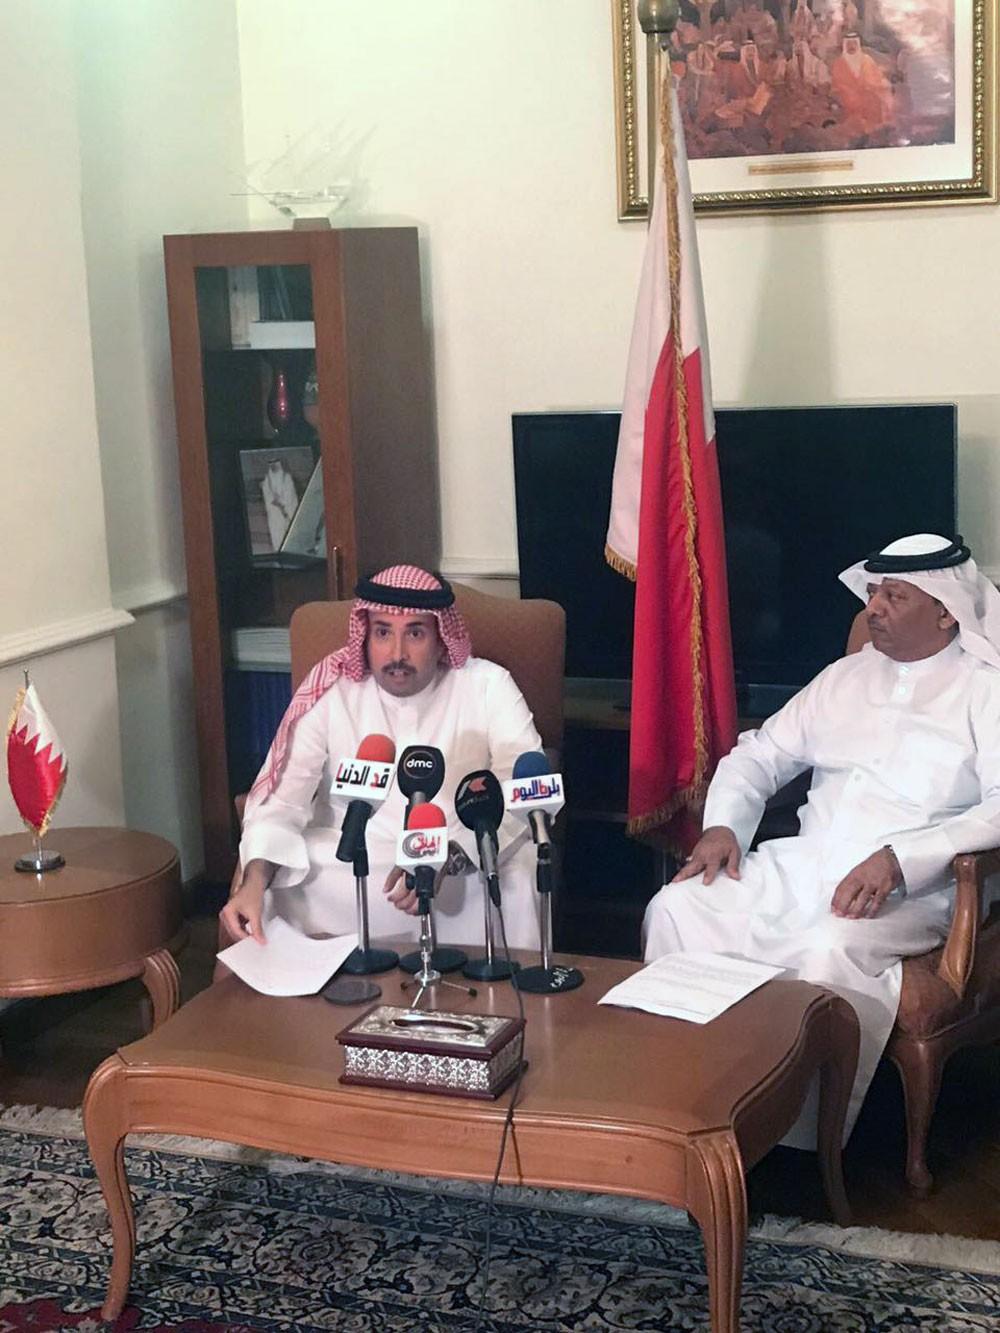 سفيرنا بمصر: البحرين لها باع كبير في حماية التراث العربي والوطني التطوعي